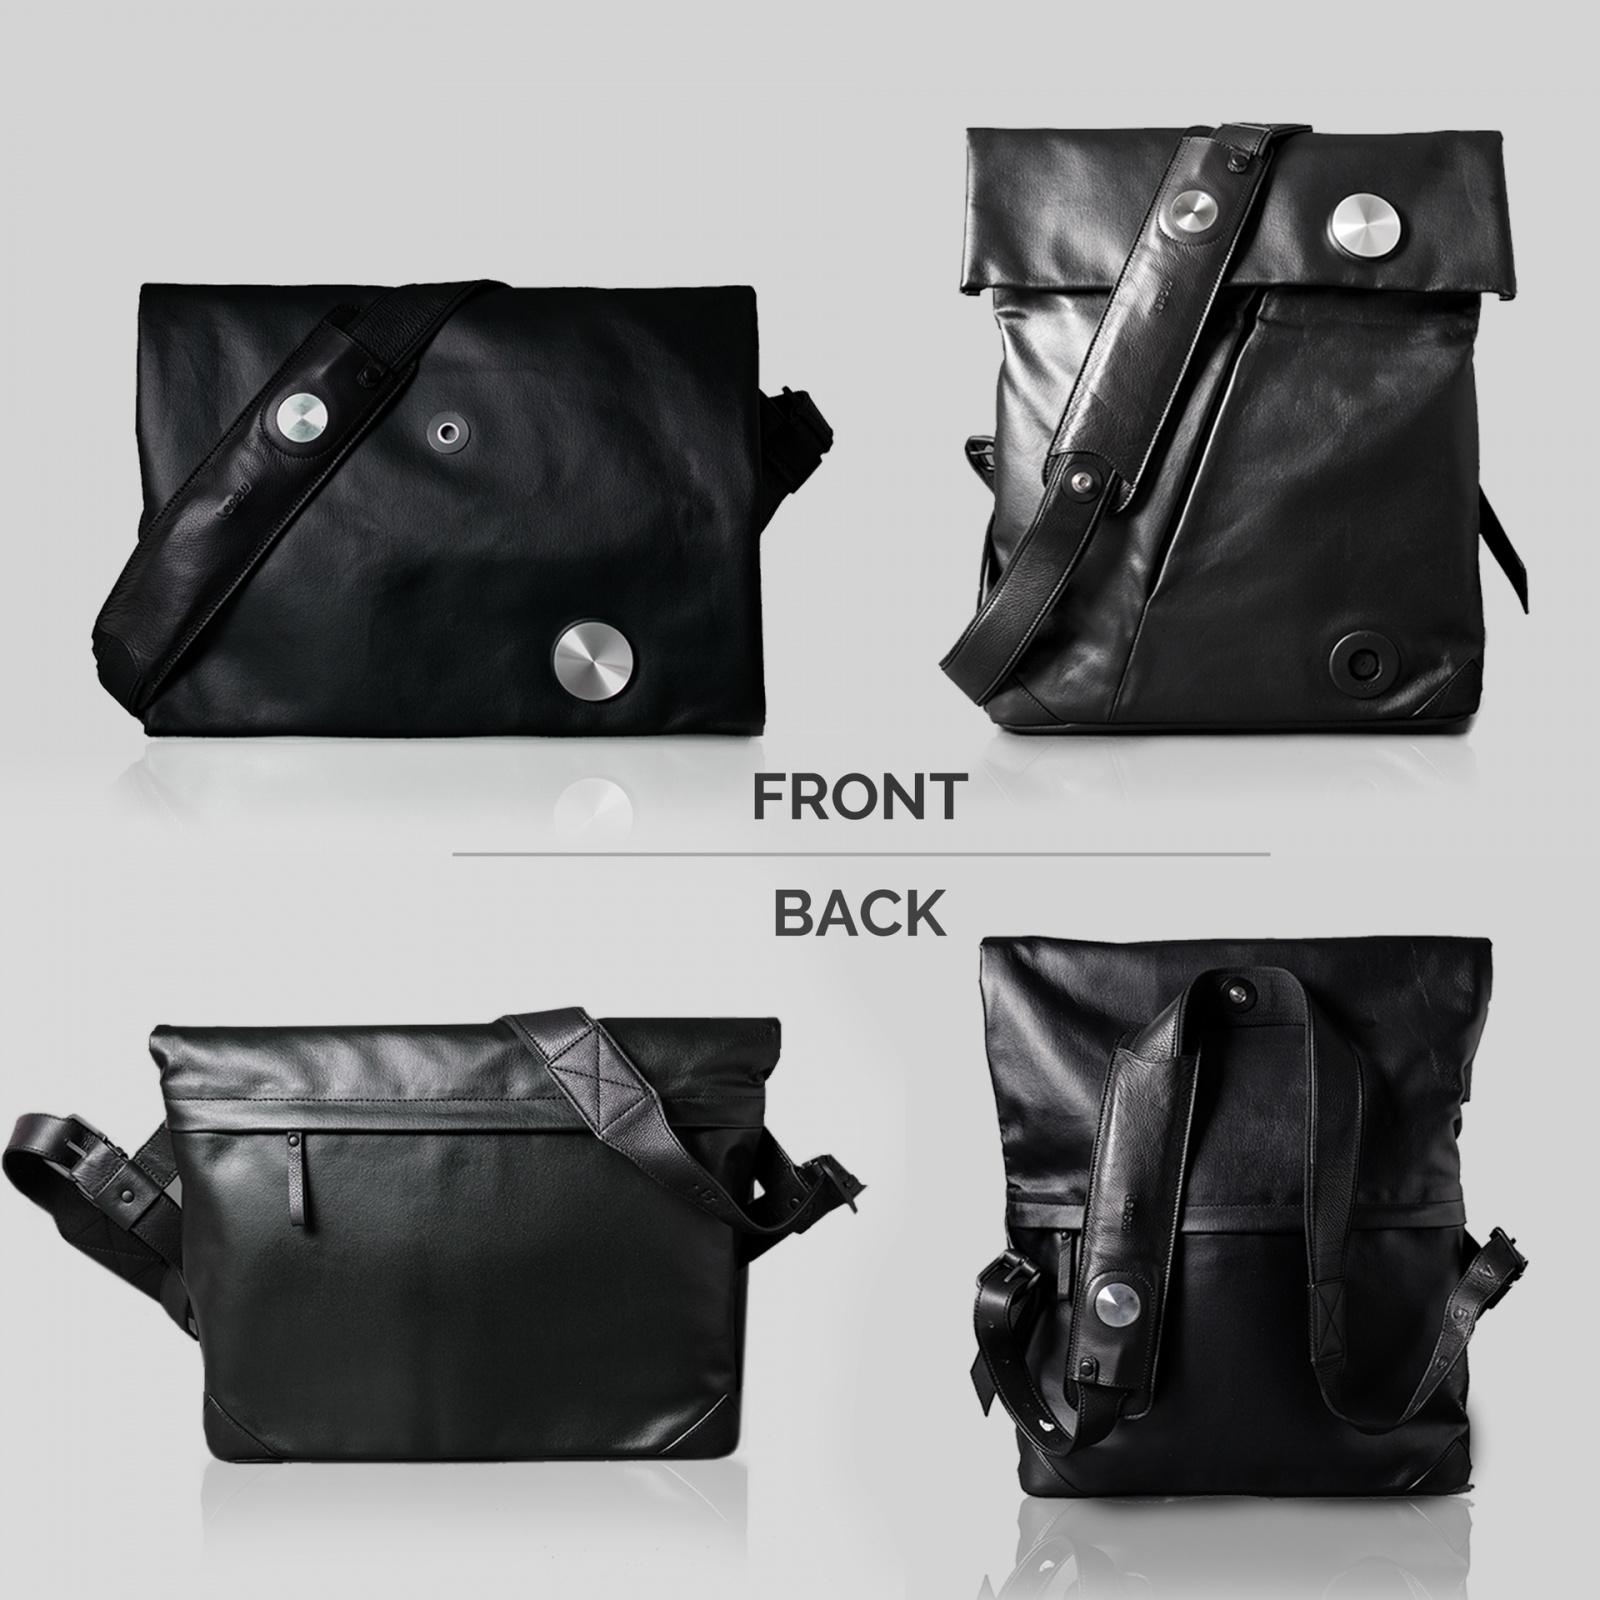 Умные сумки: небольшая подборка аксессуаров «с секретами» - 3